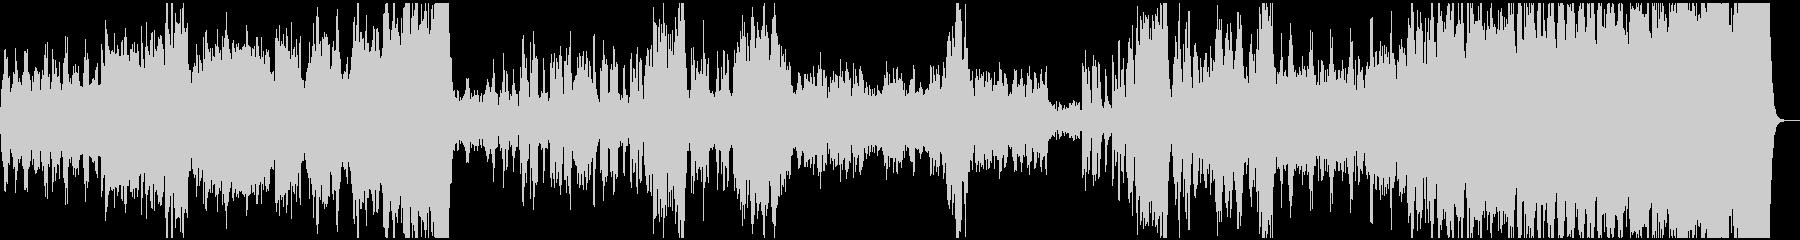 プロコフィエフ_ピアノソナタ第7番3楽章の未再生の波形